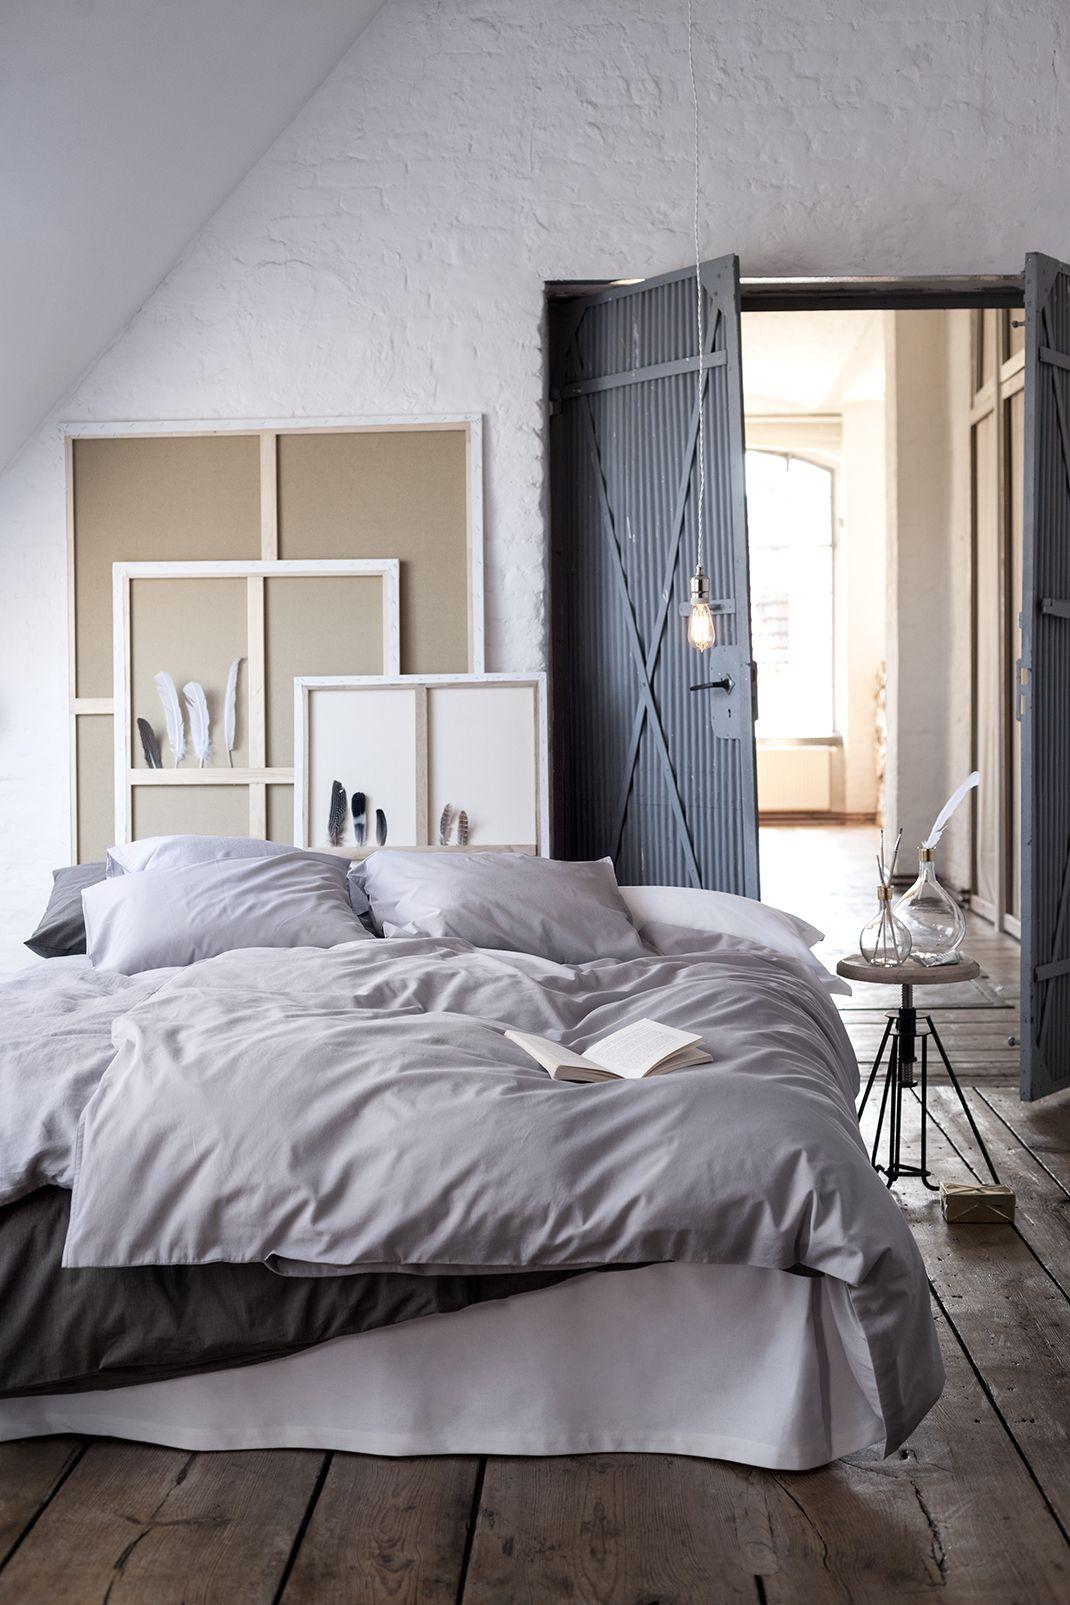 Pin von Aylin Mamut auf Wandcollage | Pinterest | Schlafzimmer ...